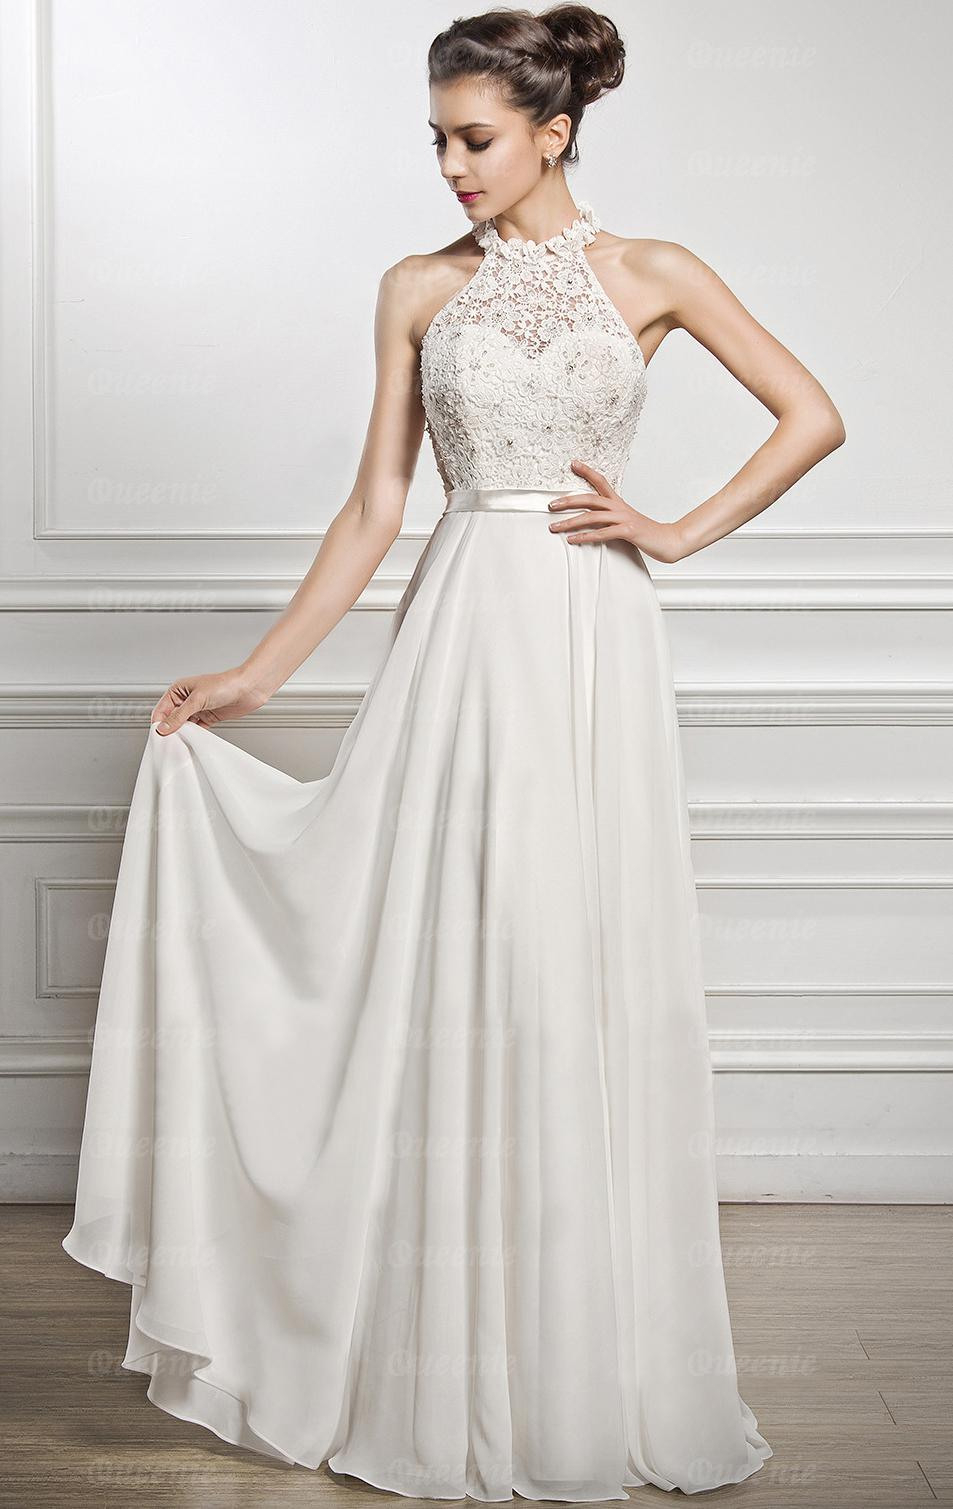 Formal Perfekt Abendkleider Weiß Ärmel20 Spektakulär Abendkleider Weiß Boutique